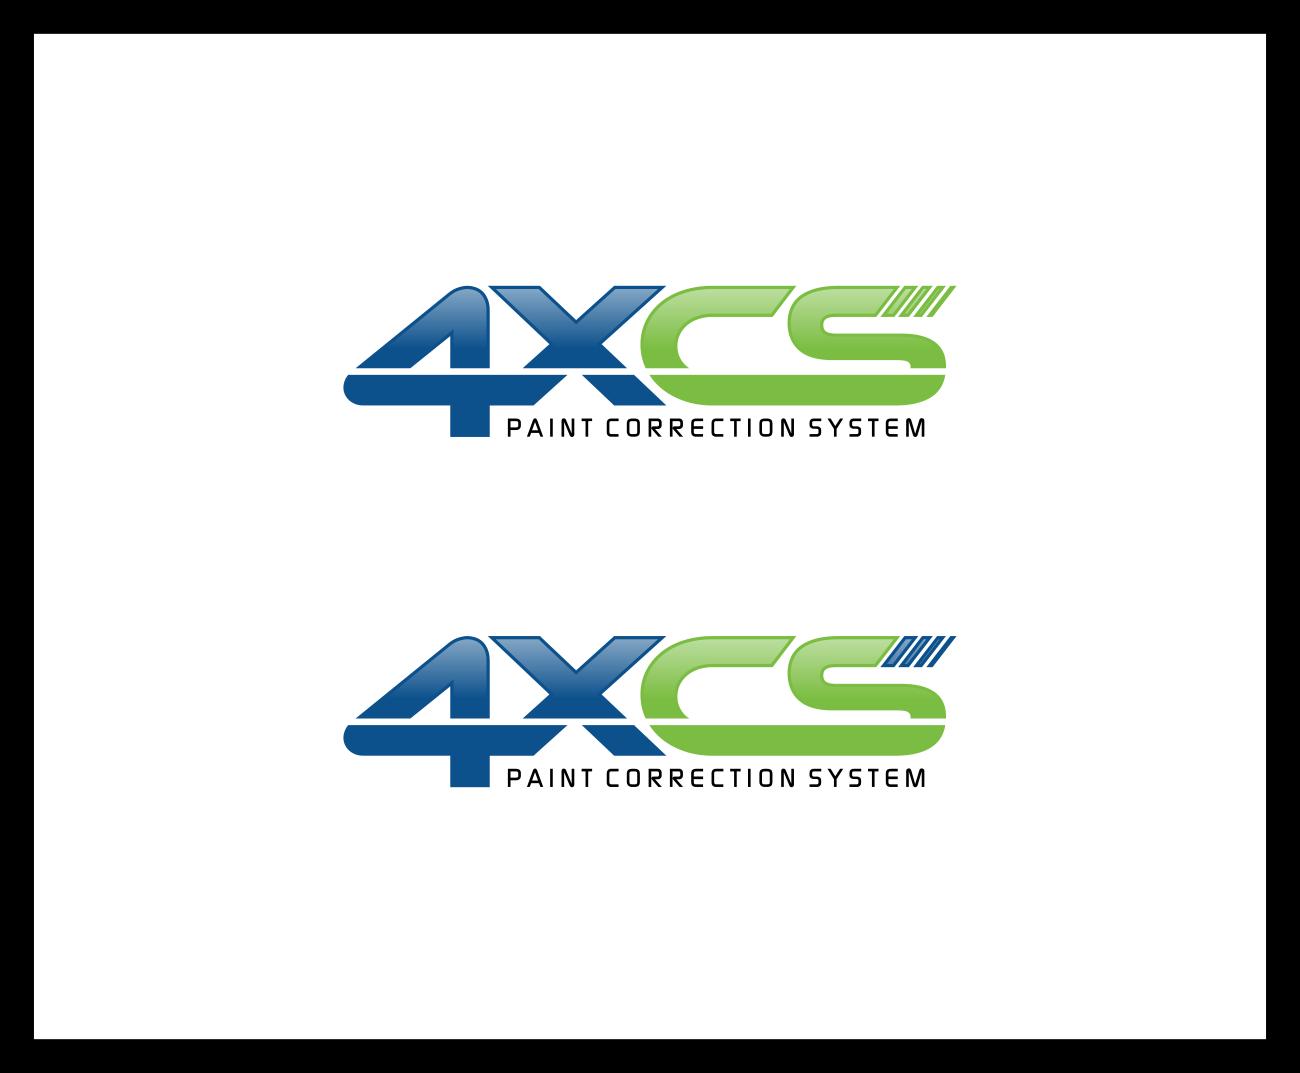 logo for 4xCS